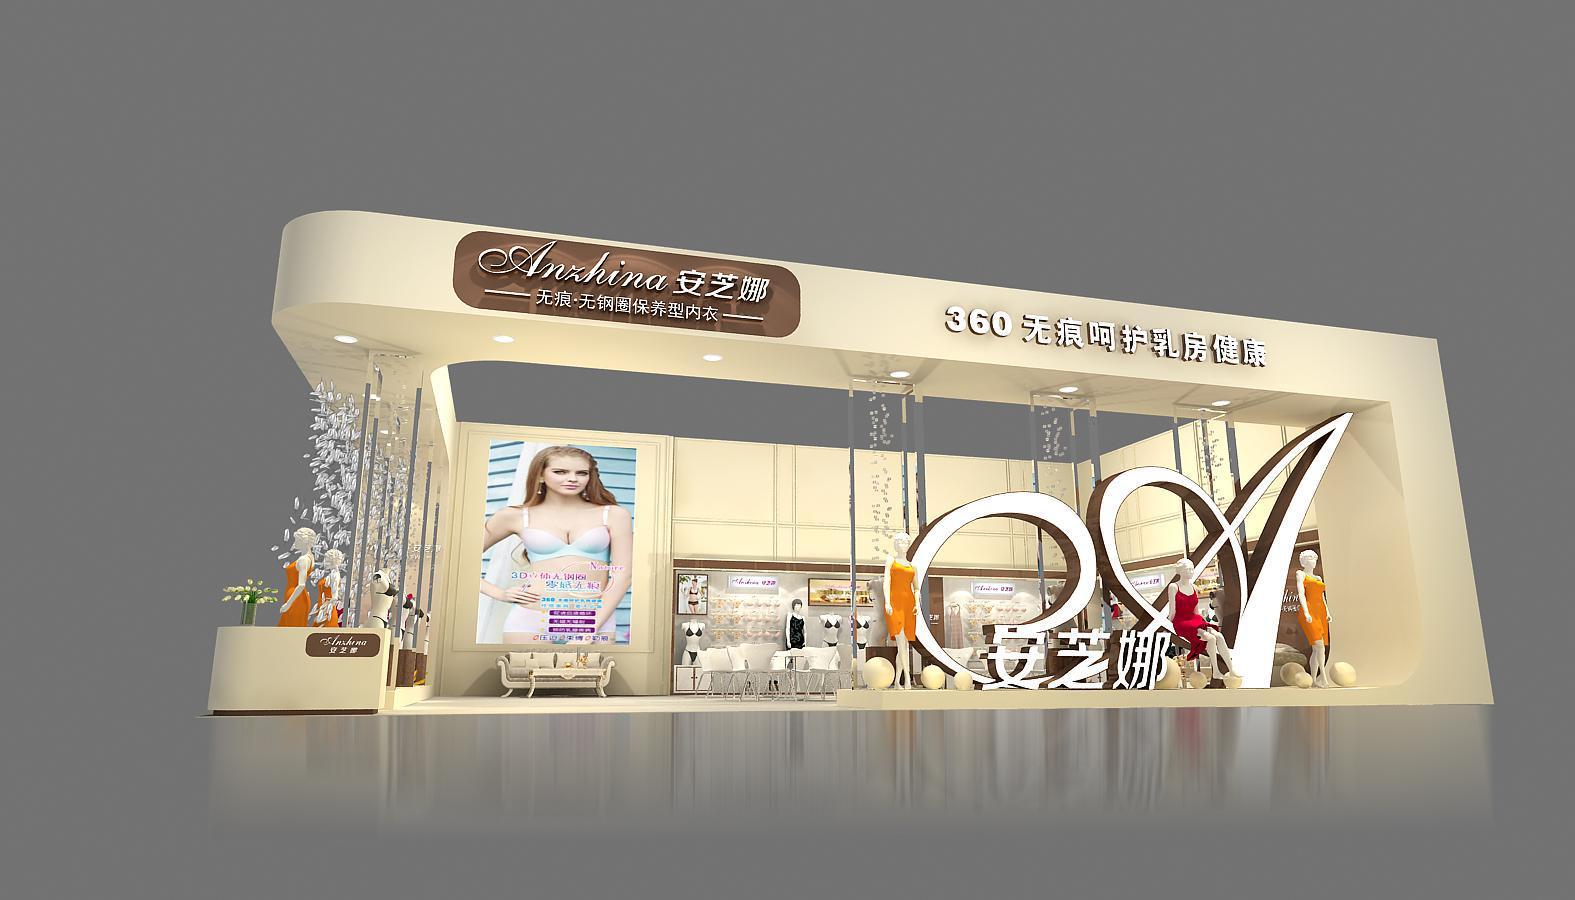 深圳展会设计 深圳展览设计公司 10年经验远大展览